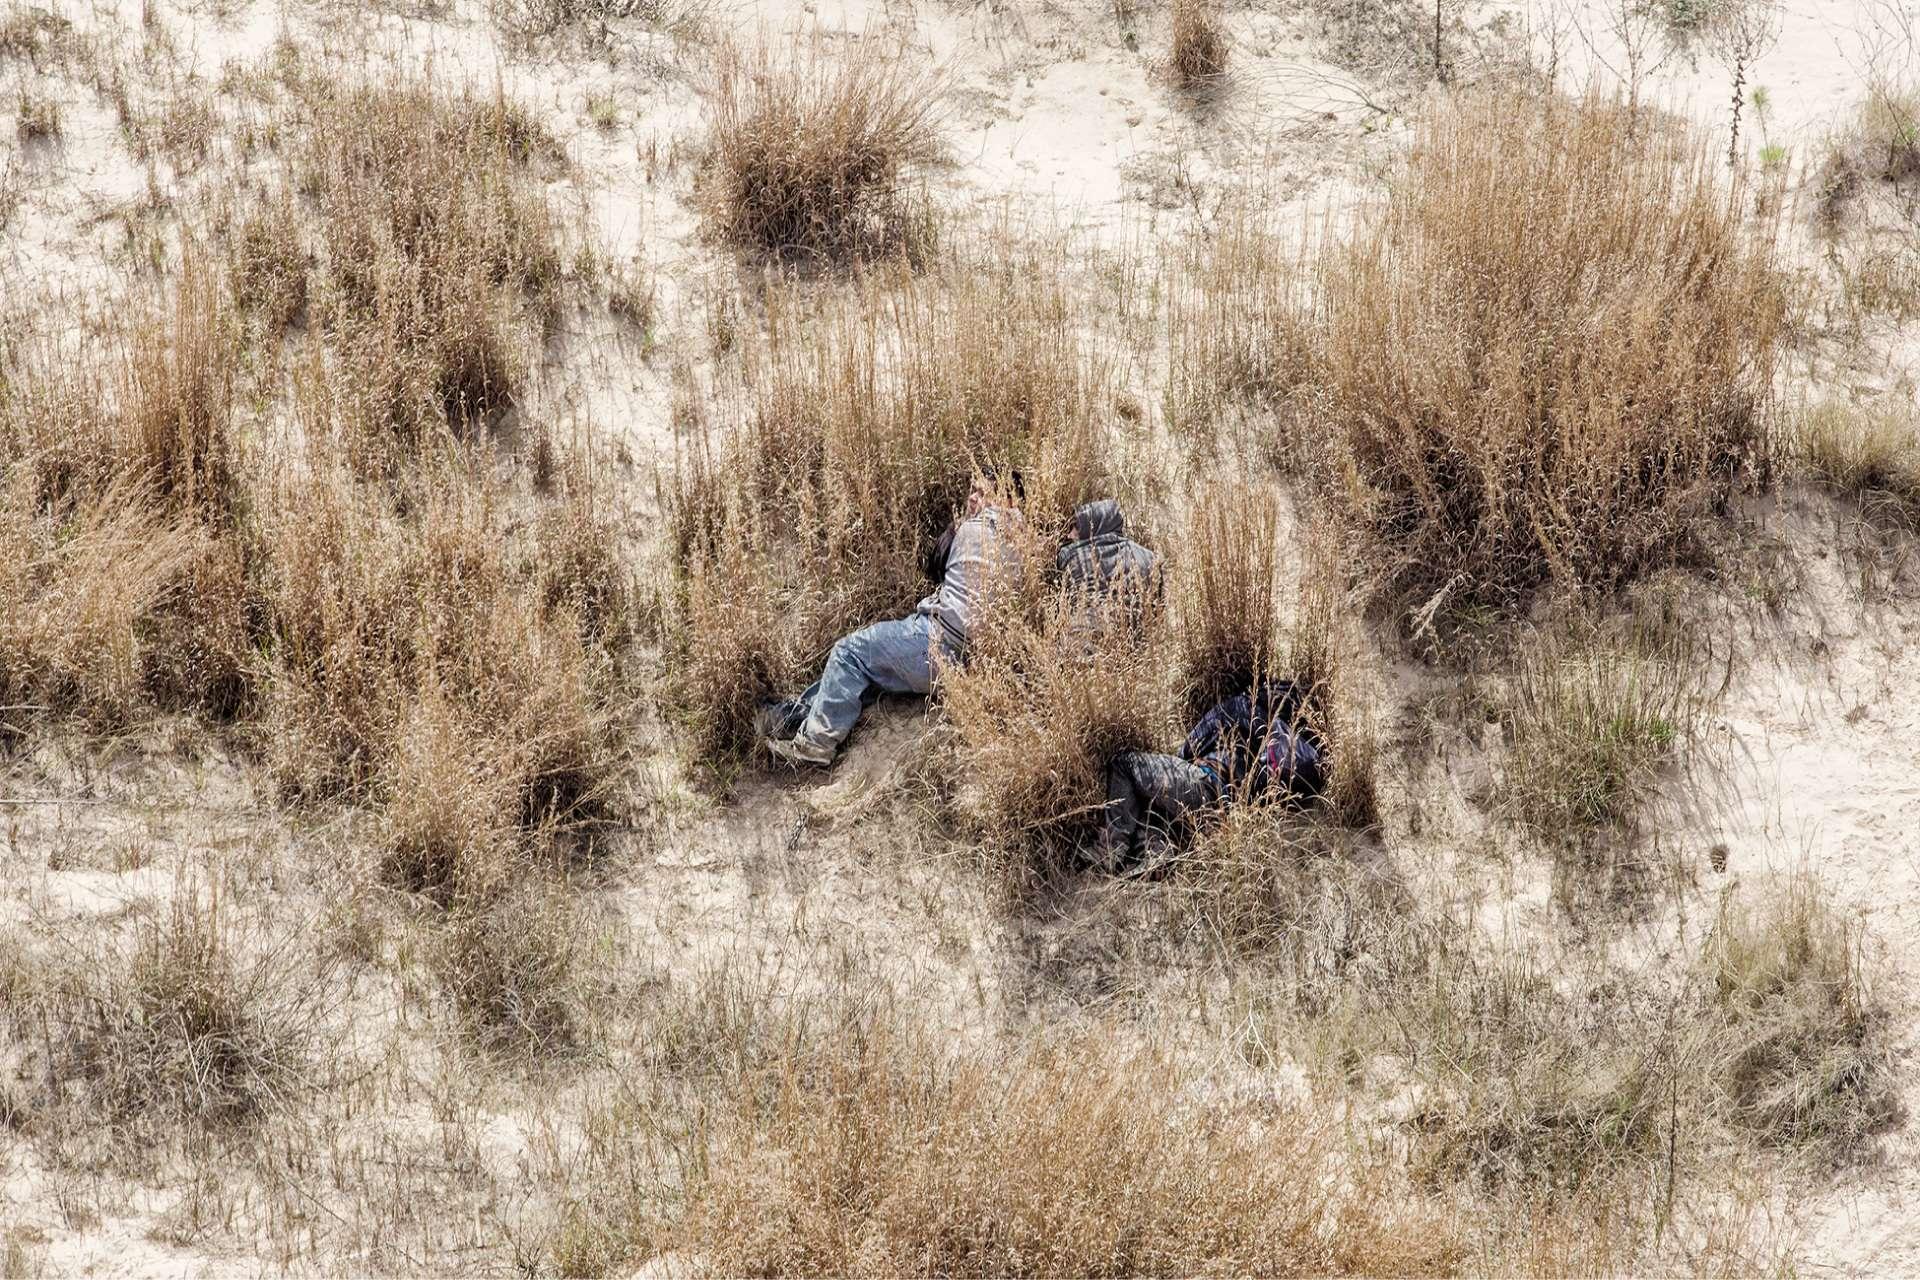 Des migrants cernés par des gardes-frontières dans lecomté de Kenedy (Texas) alors qu'ils tentent de contourner le checkpoint américain de Sarita, à une centaine de kilomètres de la frontière.